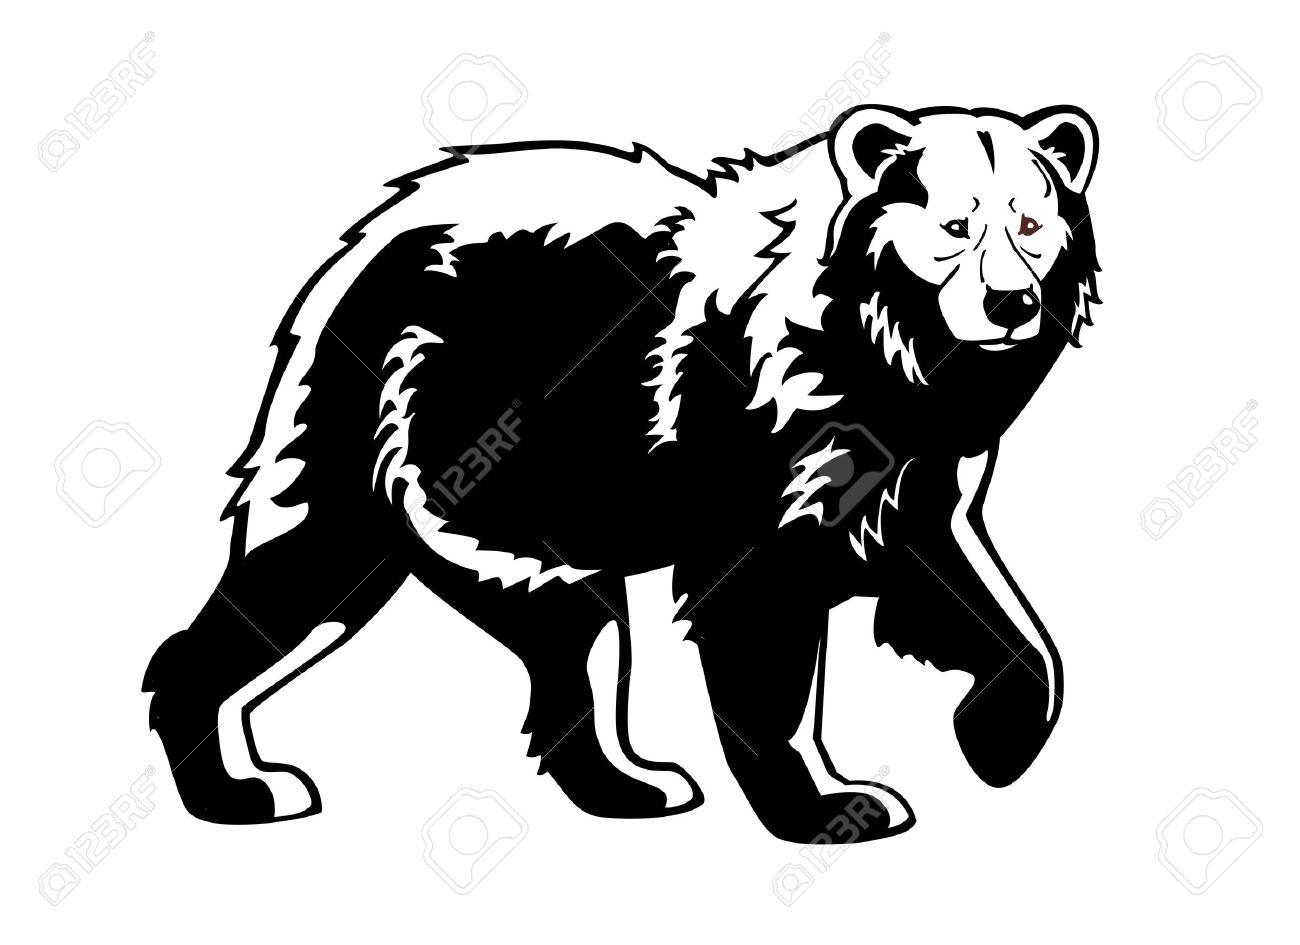 bear black white isolated on white background.